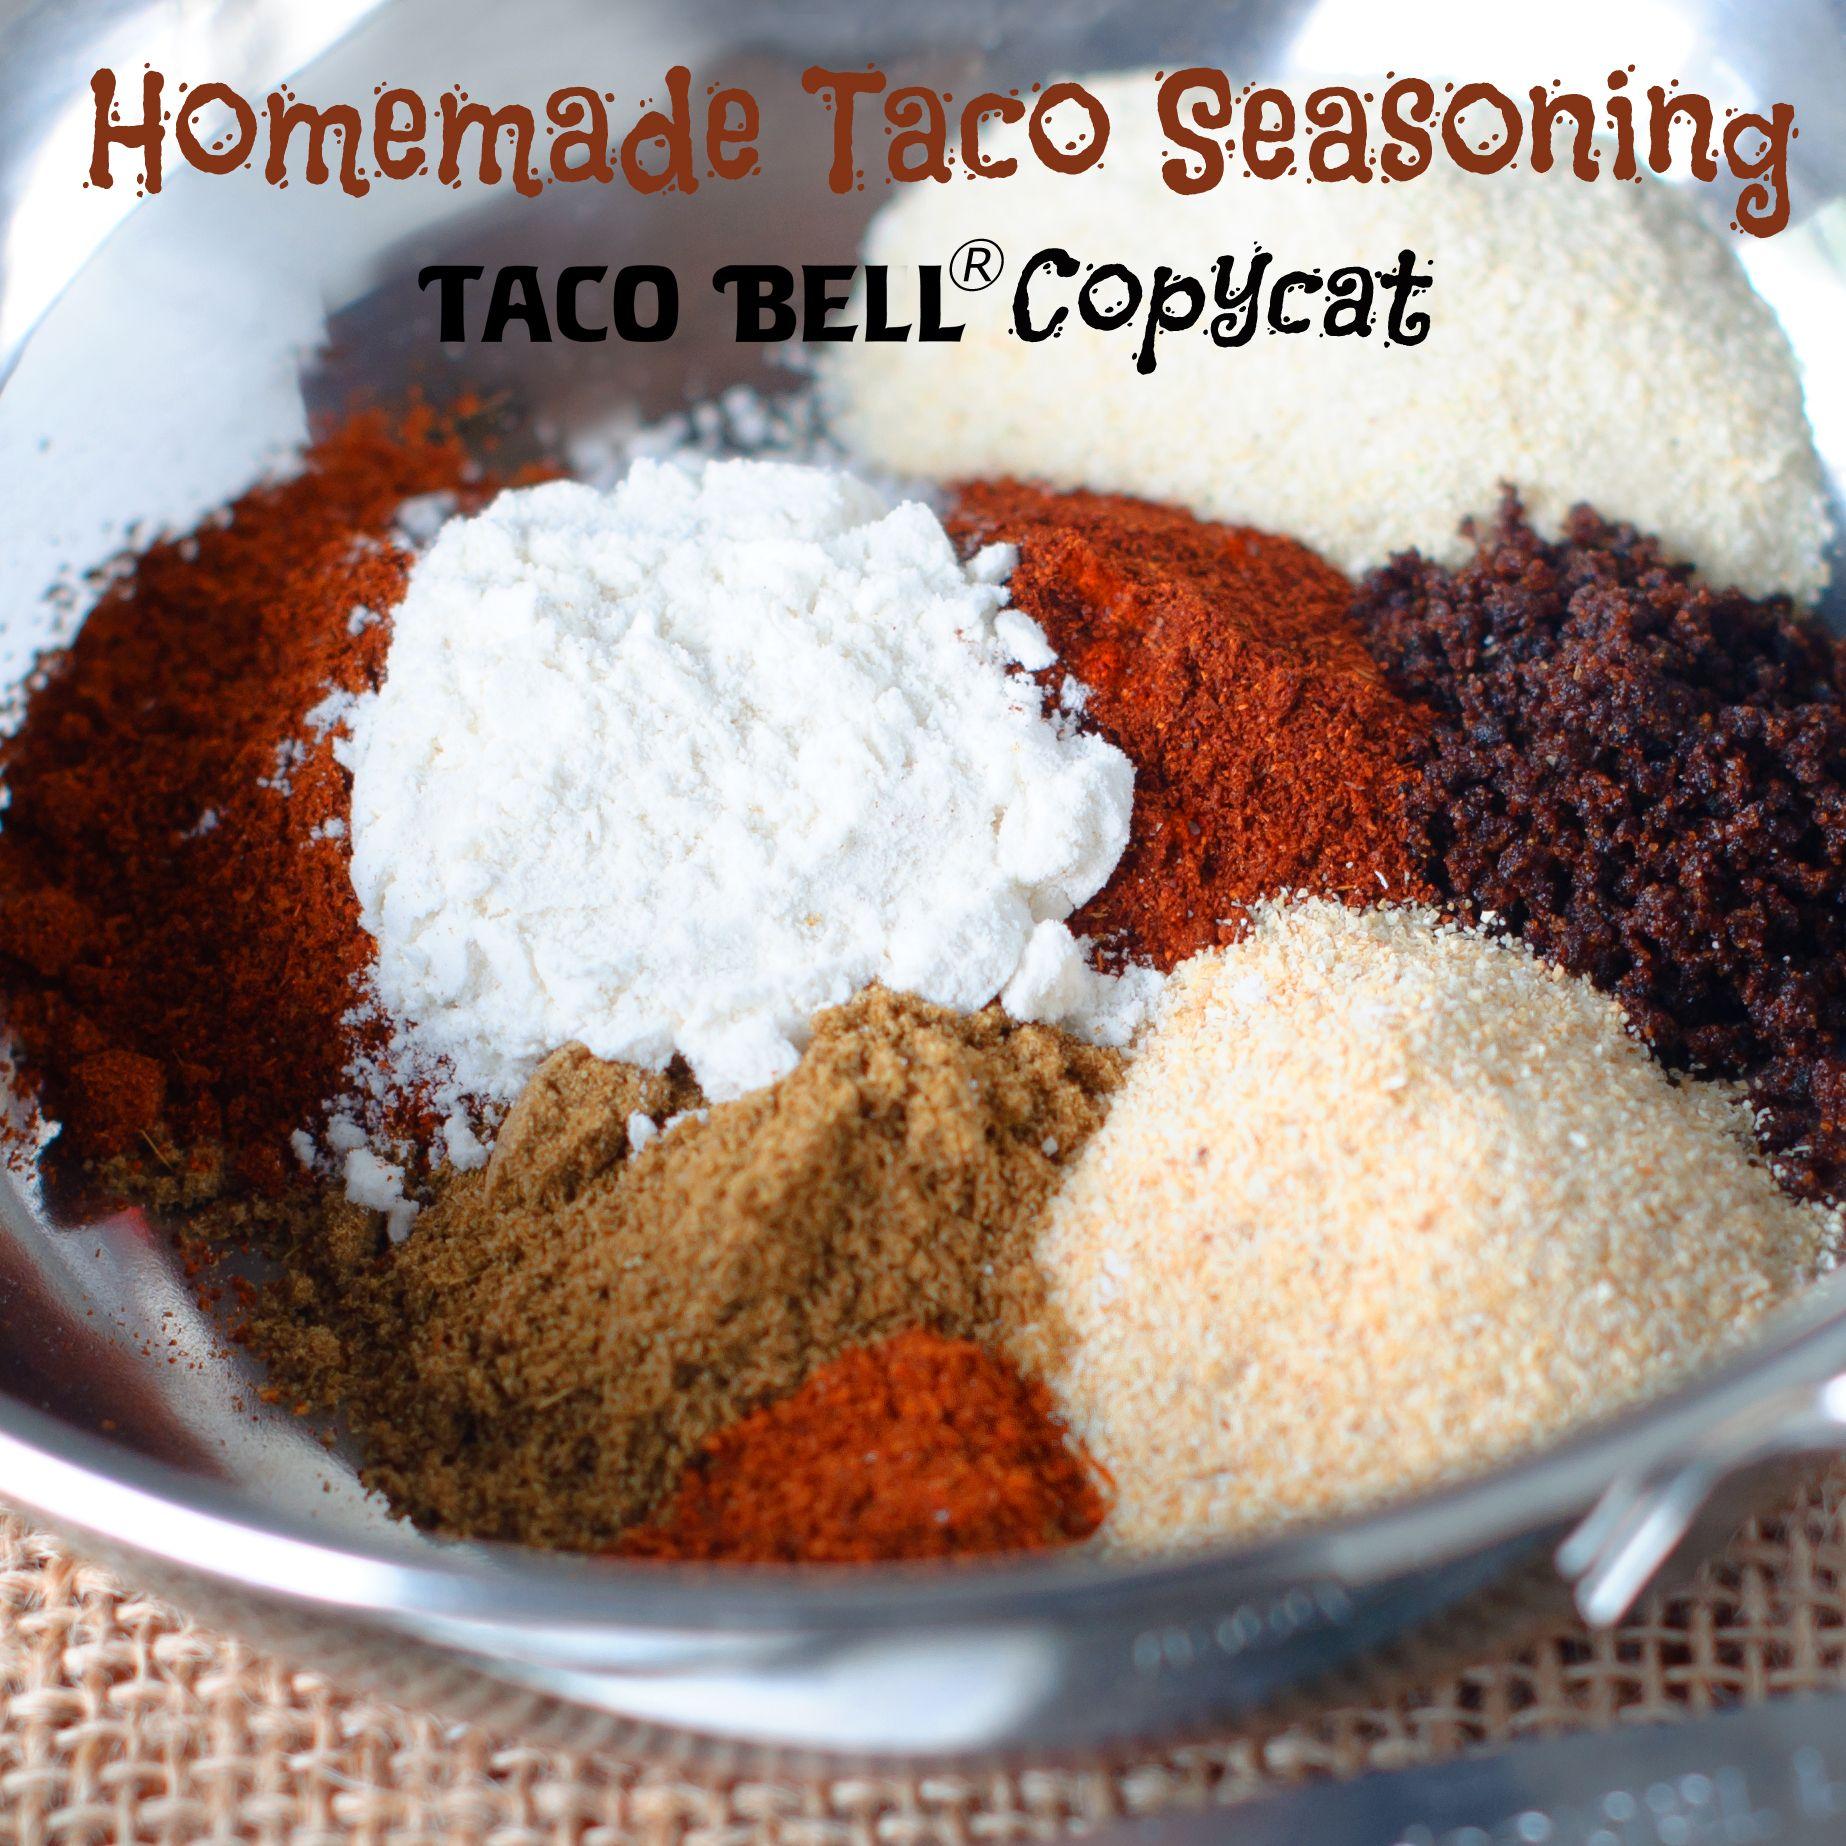 Taco Bell Copycat Homemade Taco Seasoning Myallrecipes Imadeit